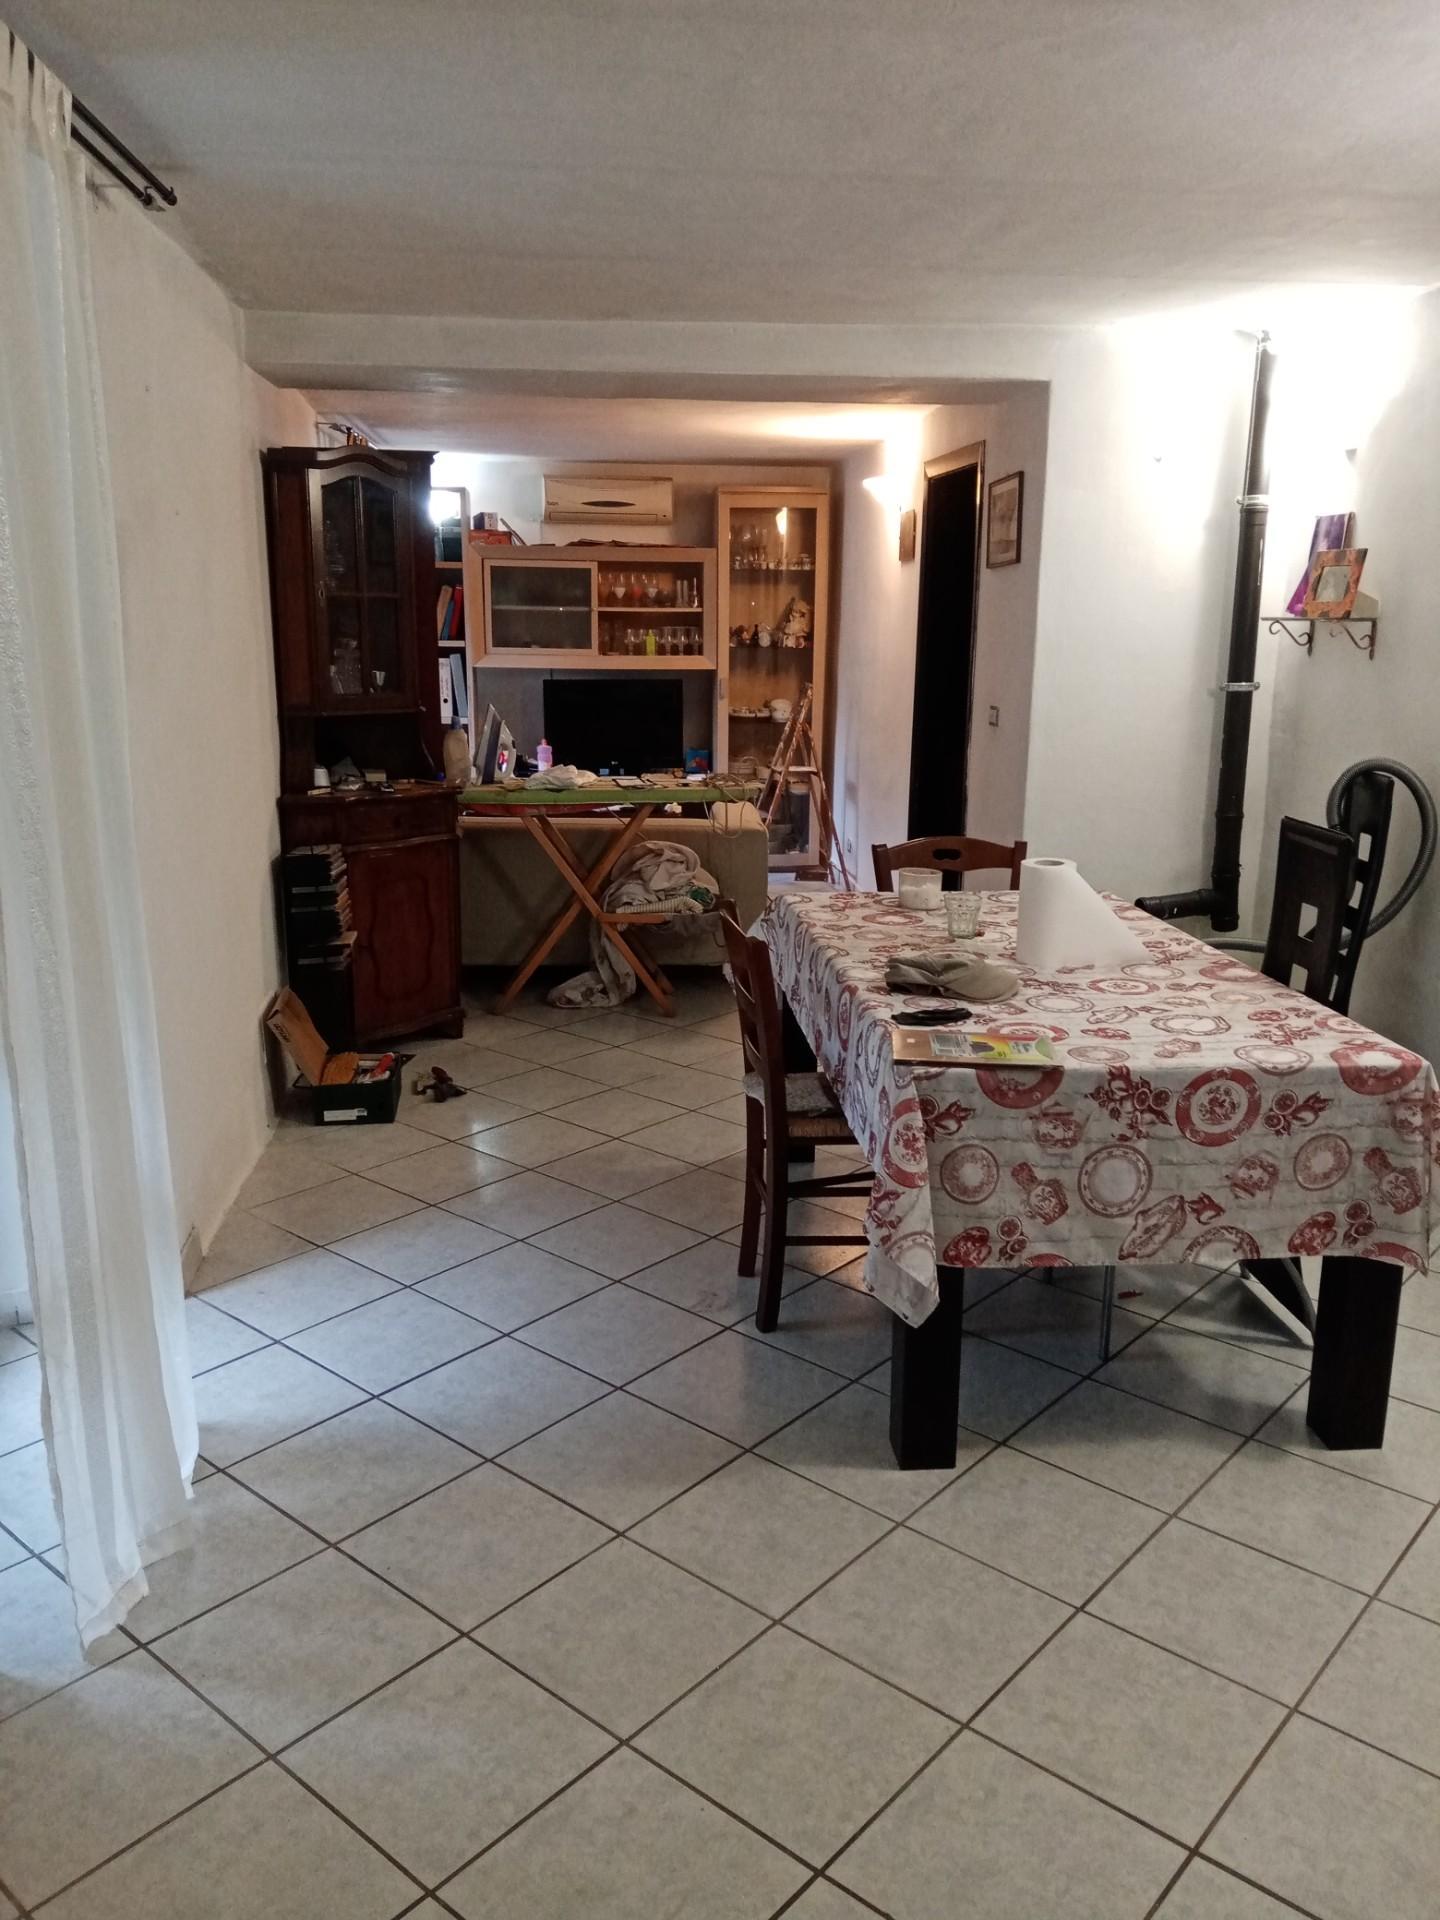 Casa semindipendente in vendita a Podenzana (MS)